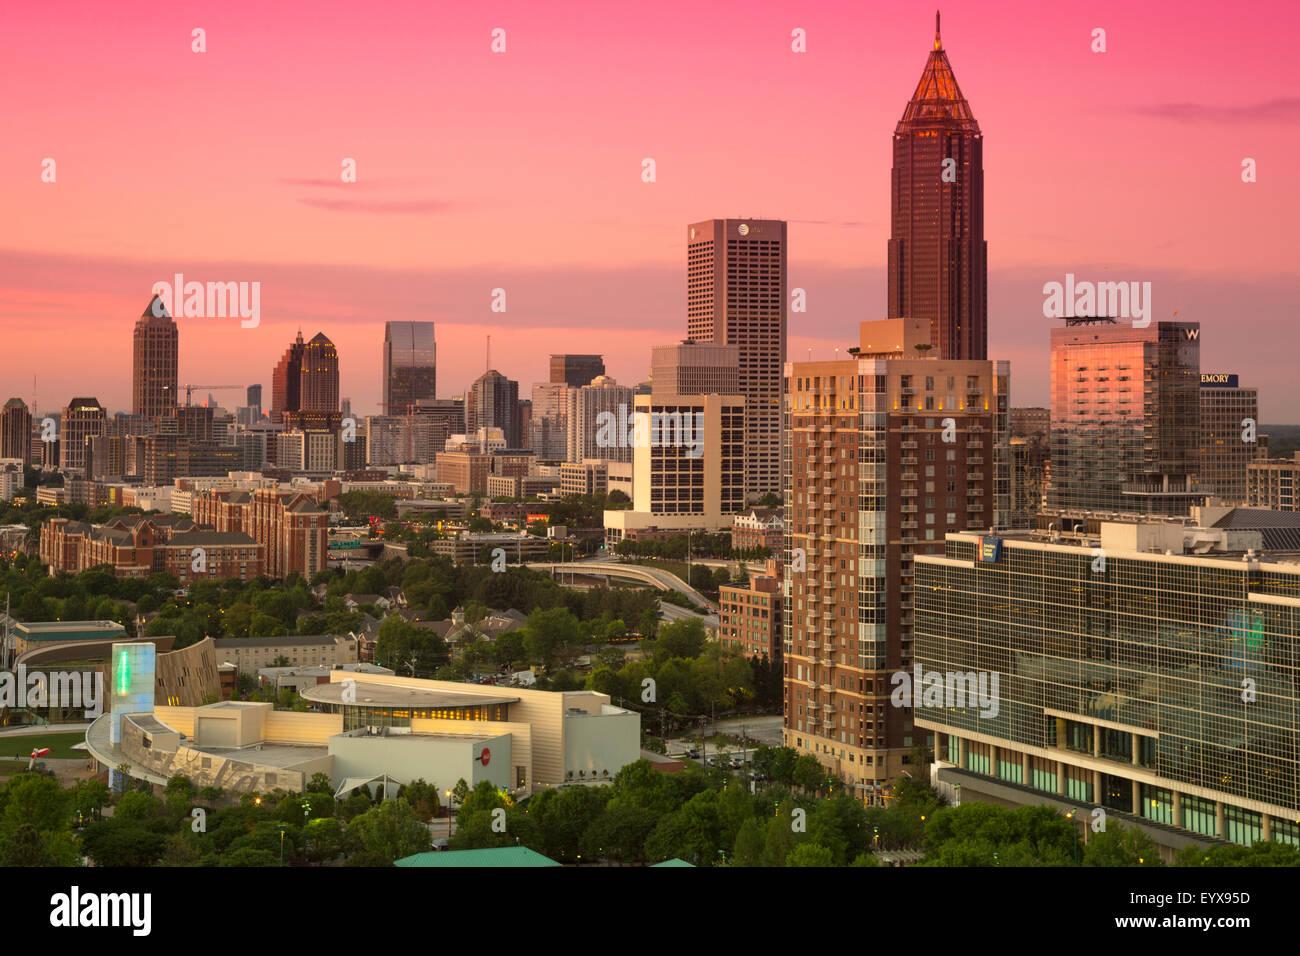 Downtown Atlanta Coca Cola Stock Photos & Downtown Atlanta Coca Cola ...